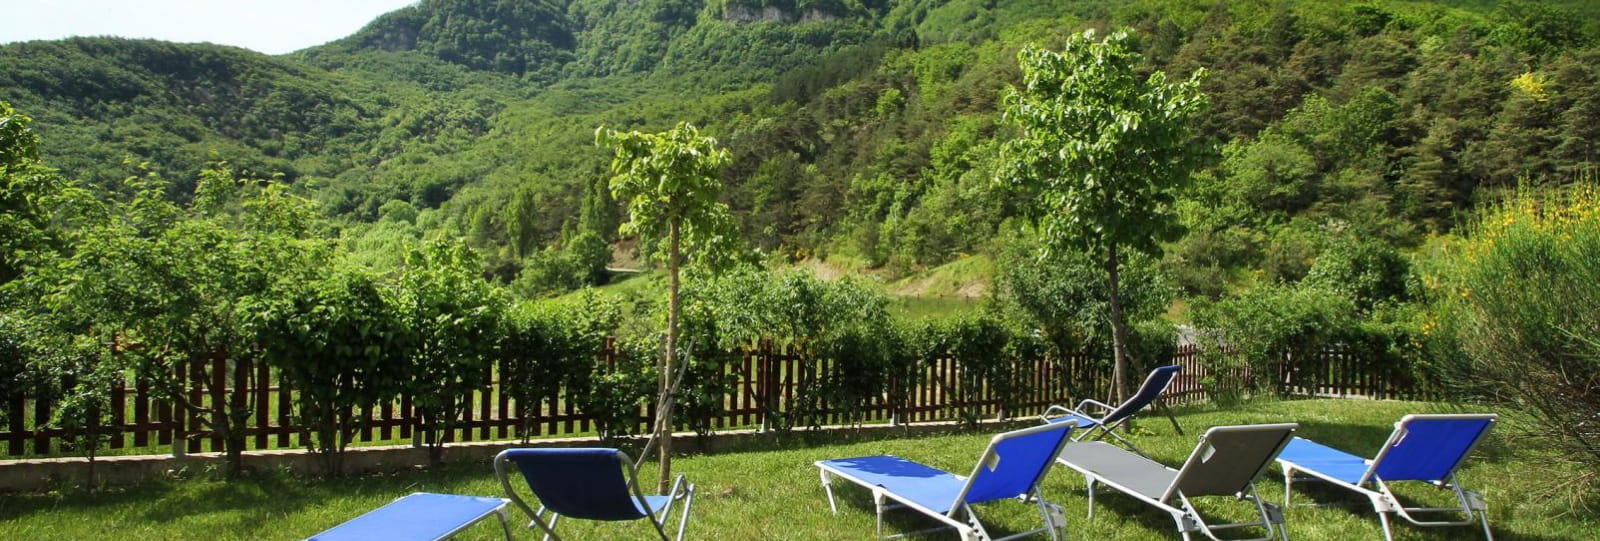 La montagne des 3 Becs : vue panoramique depuis le jardin et les terrasses.